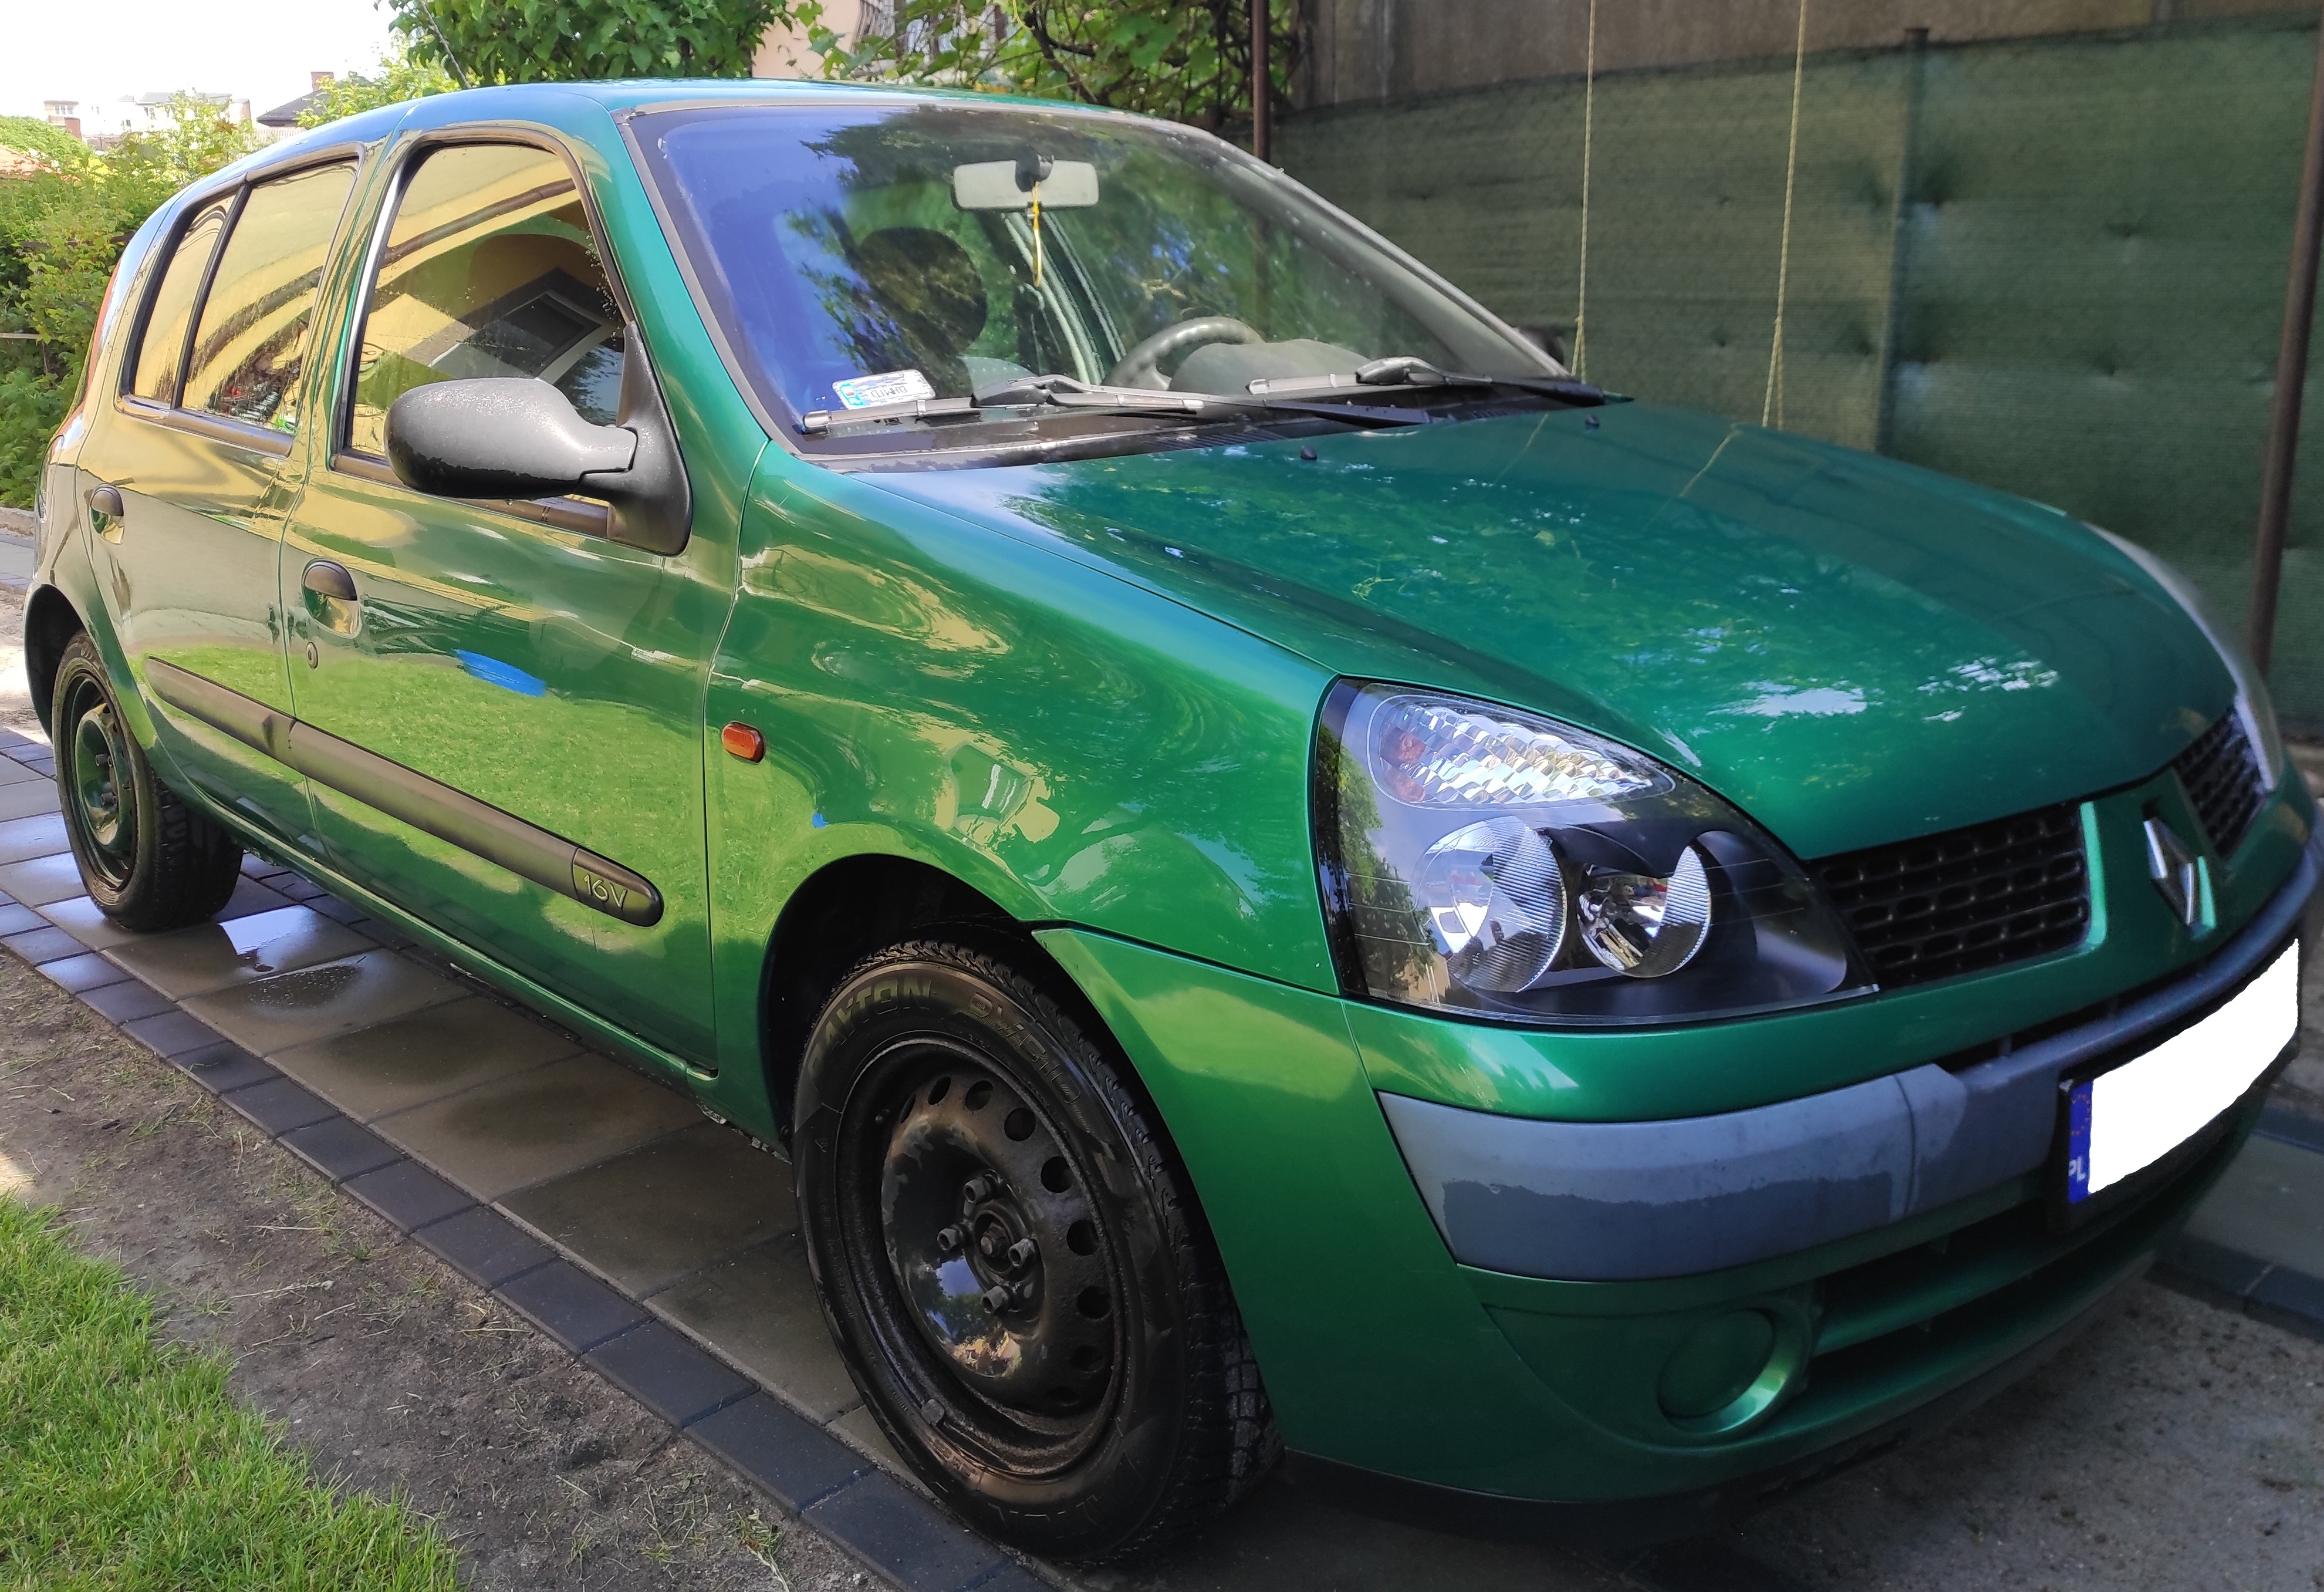 Renault Clio 1.2, 16V, 2001 z hakiem